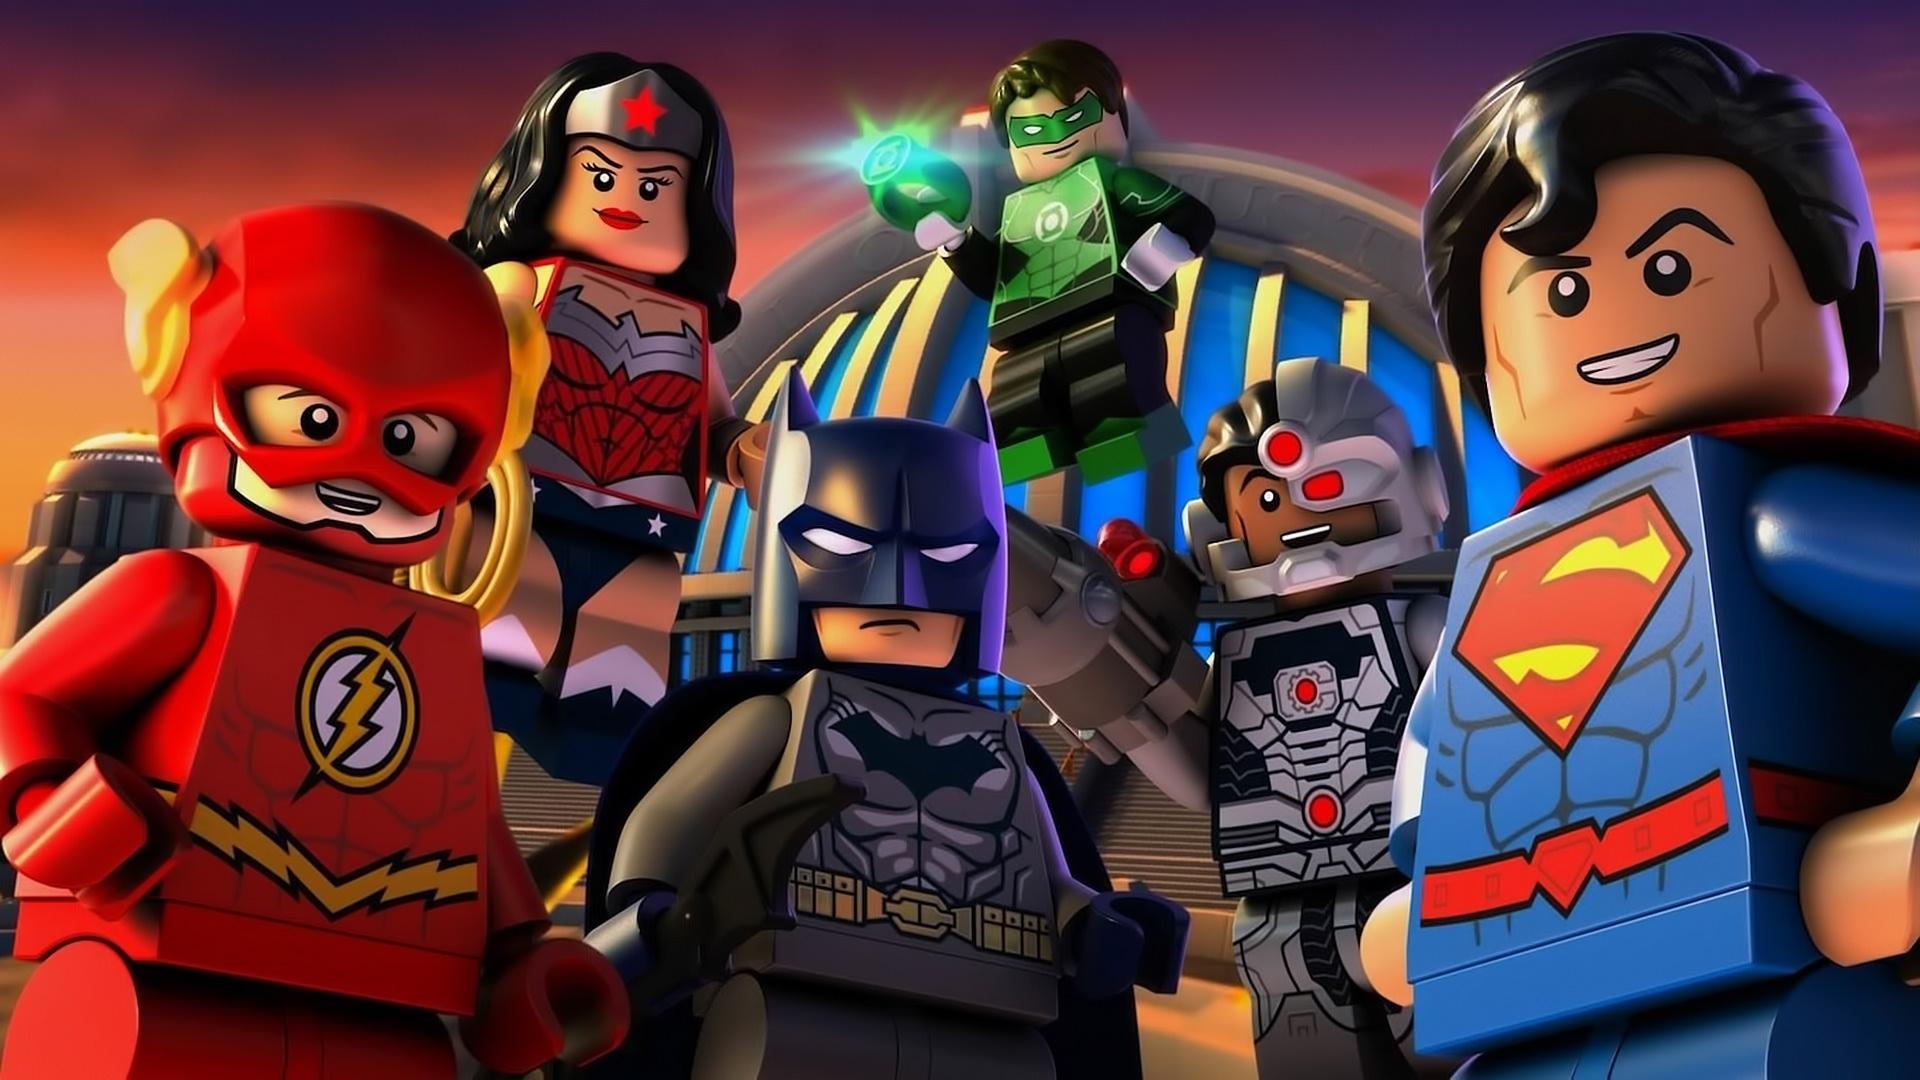 download wallpaper: LEGO Justice League wallpaper